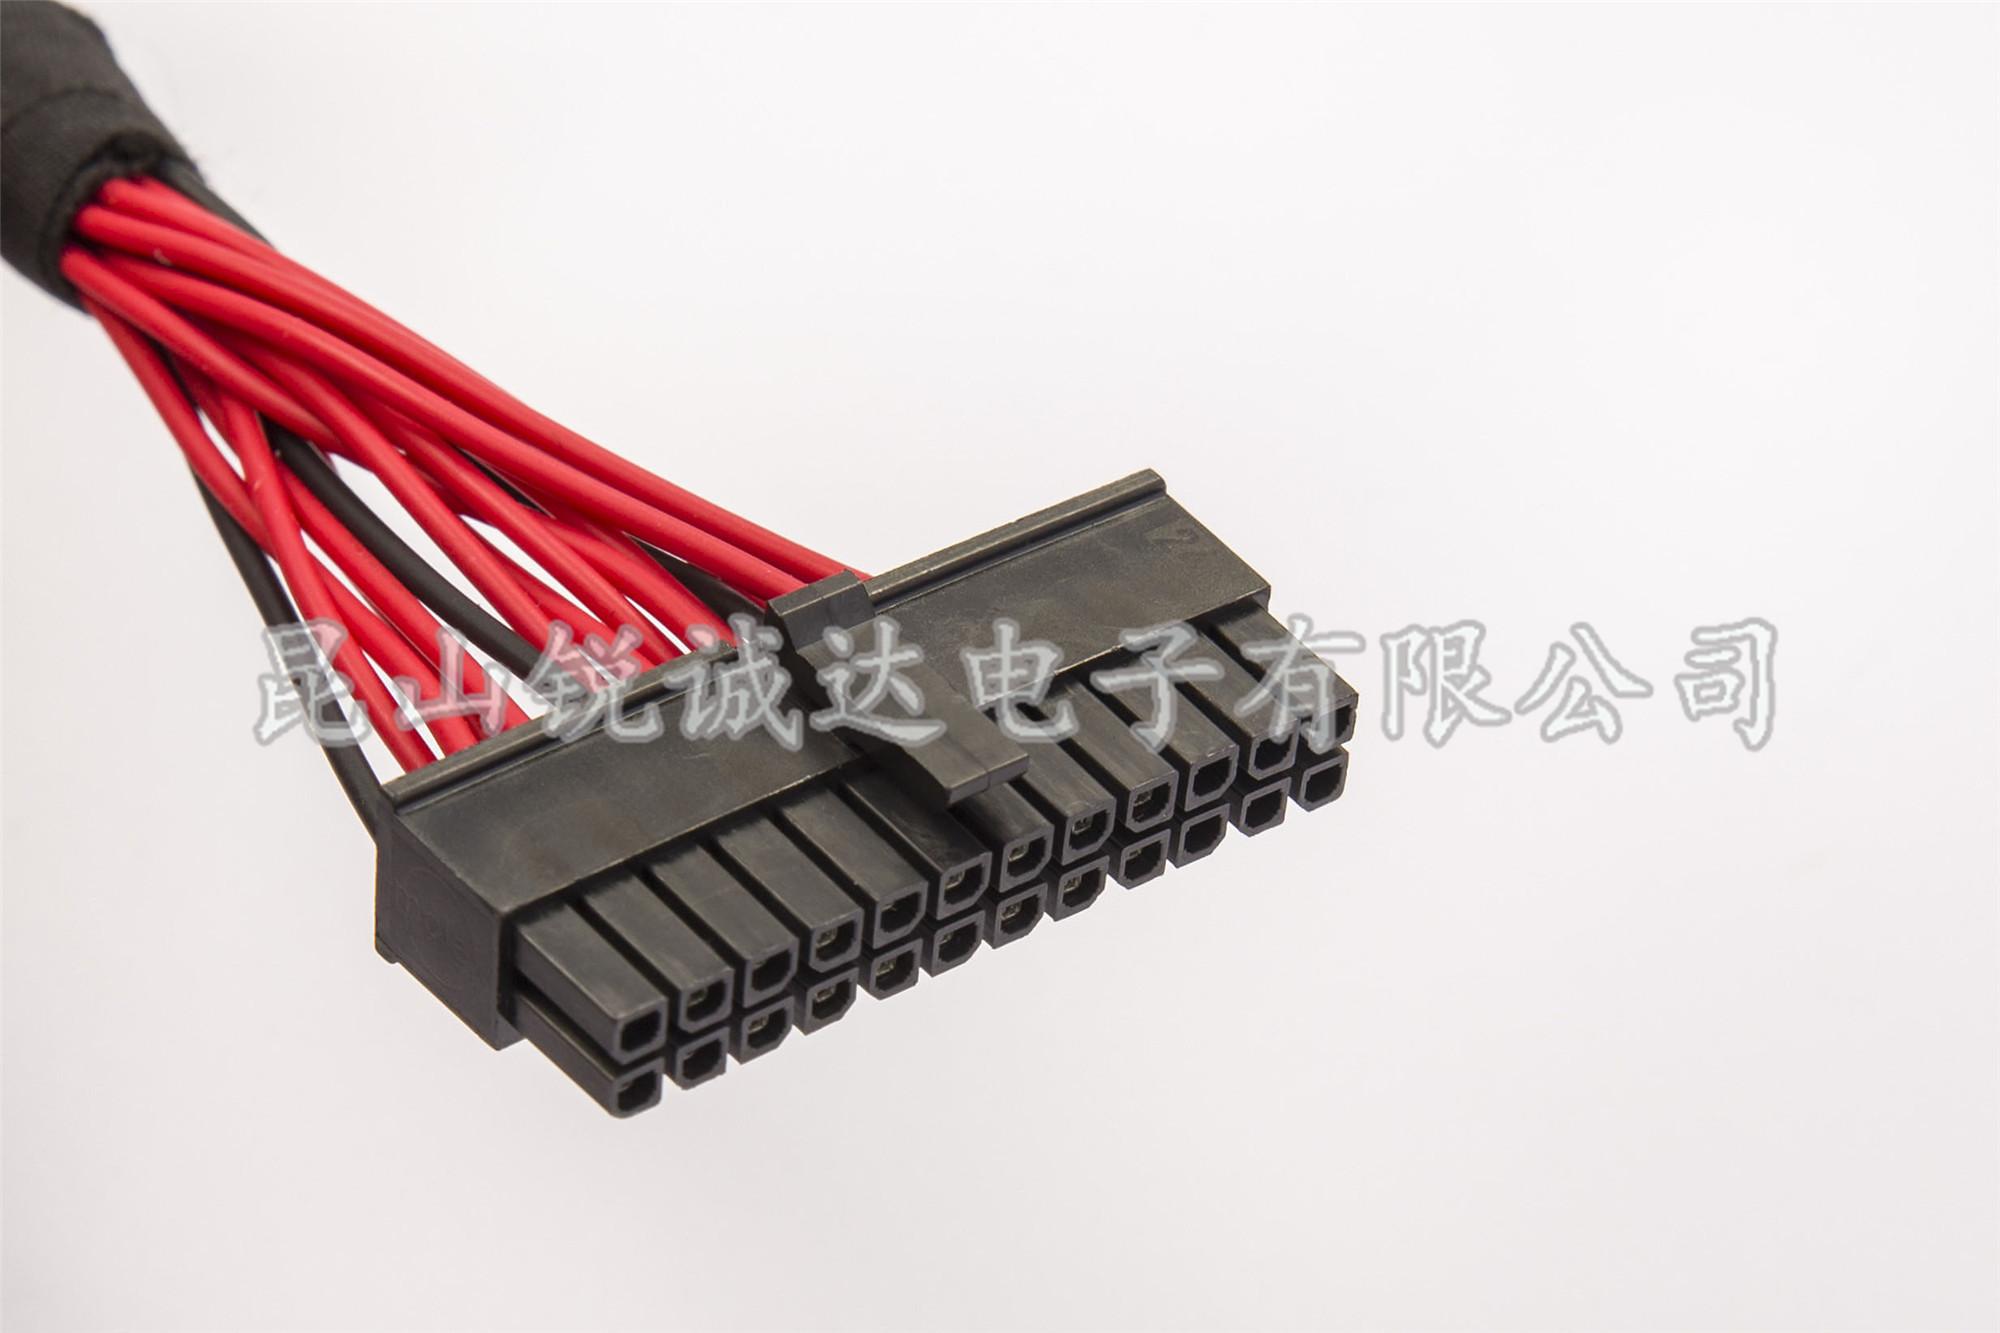 山东电脑连接线厂家,电脑连接线